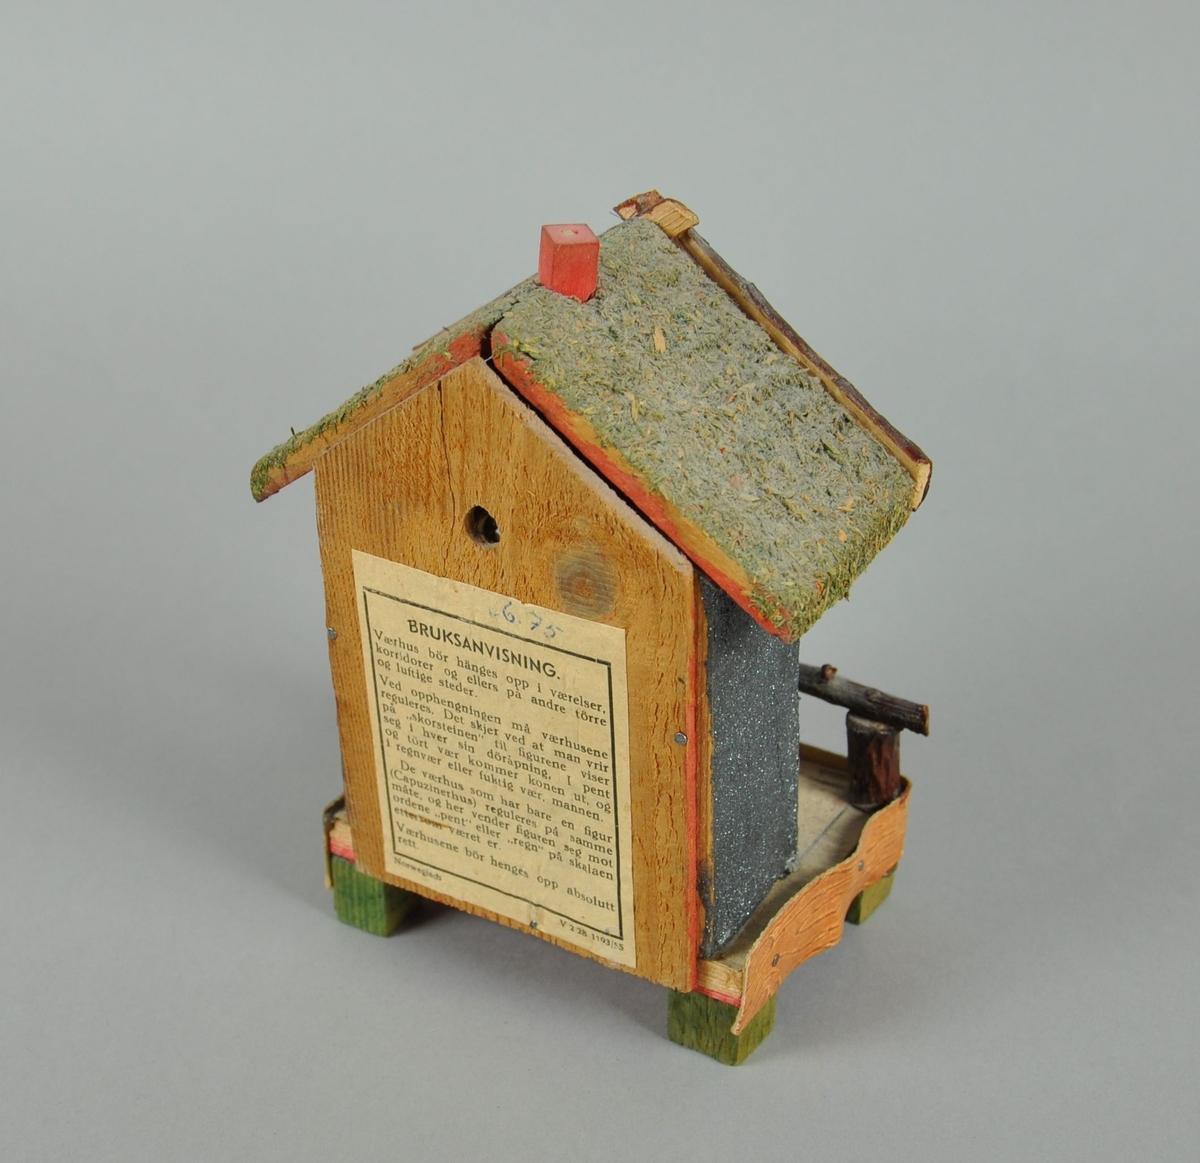 Værhus av tre, måler temperatur og lufttrykk. Forestiller et hus med veranda.  Mann og dame står på roterende stav og endrer posisjon utifra lufttrykk. Mellom dem er det gradstokk. På baksiden av huset er det bruksanvisning og hull for oppheng. Over gradstokk er det hode av hjort hvor geviret har falt av. Huset står på fire knotter. Veggene på huset har glitrende overflate.